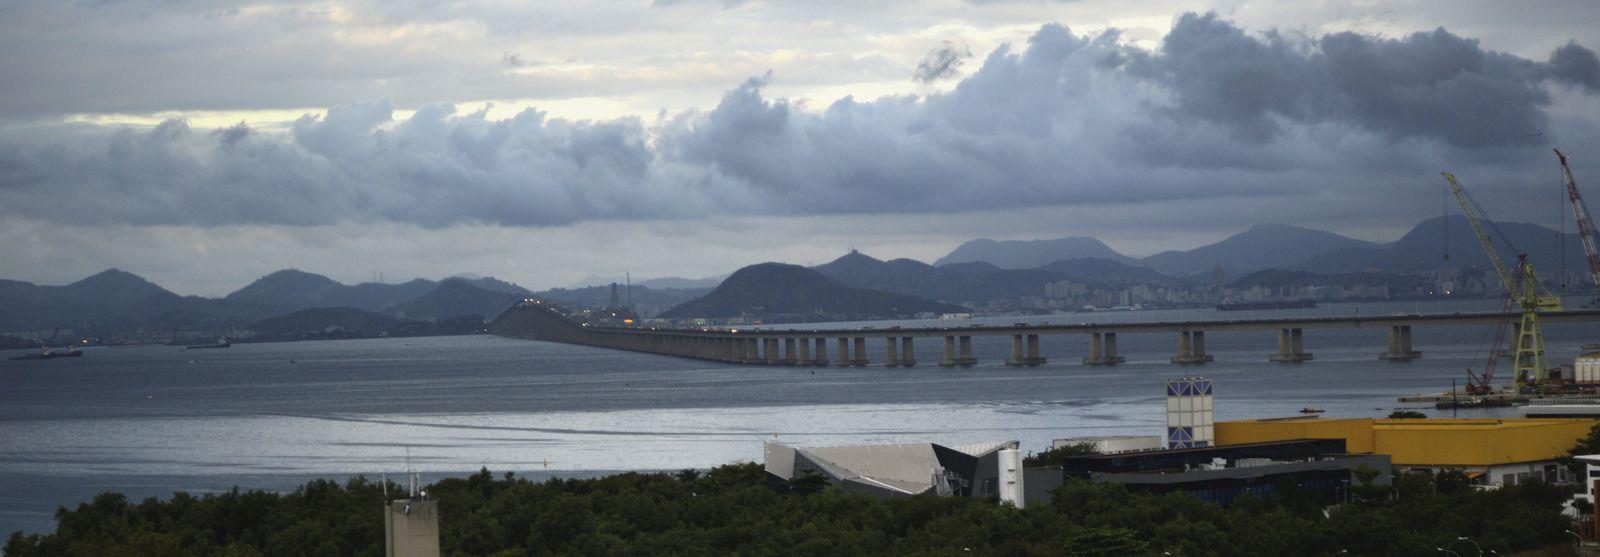 Ponte Rio-Niterói | Rio de Janeiro | Brasil